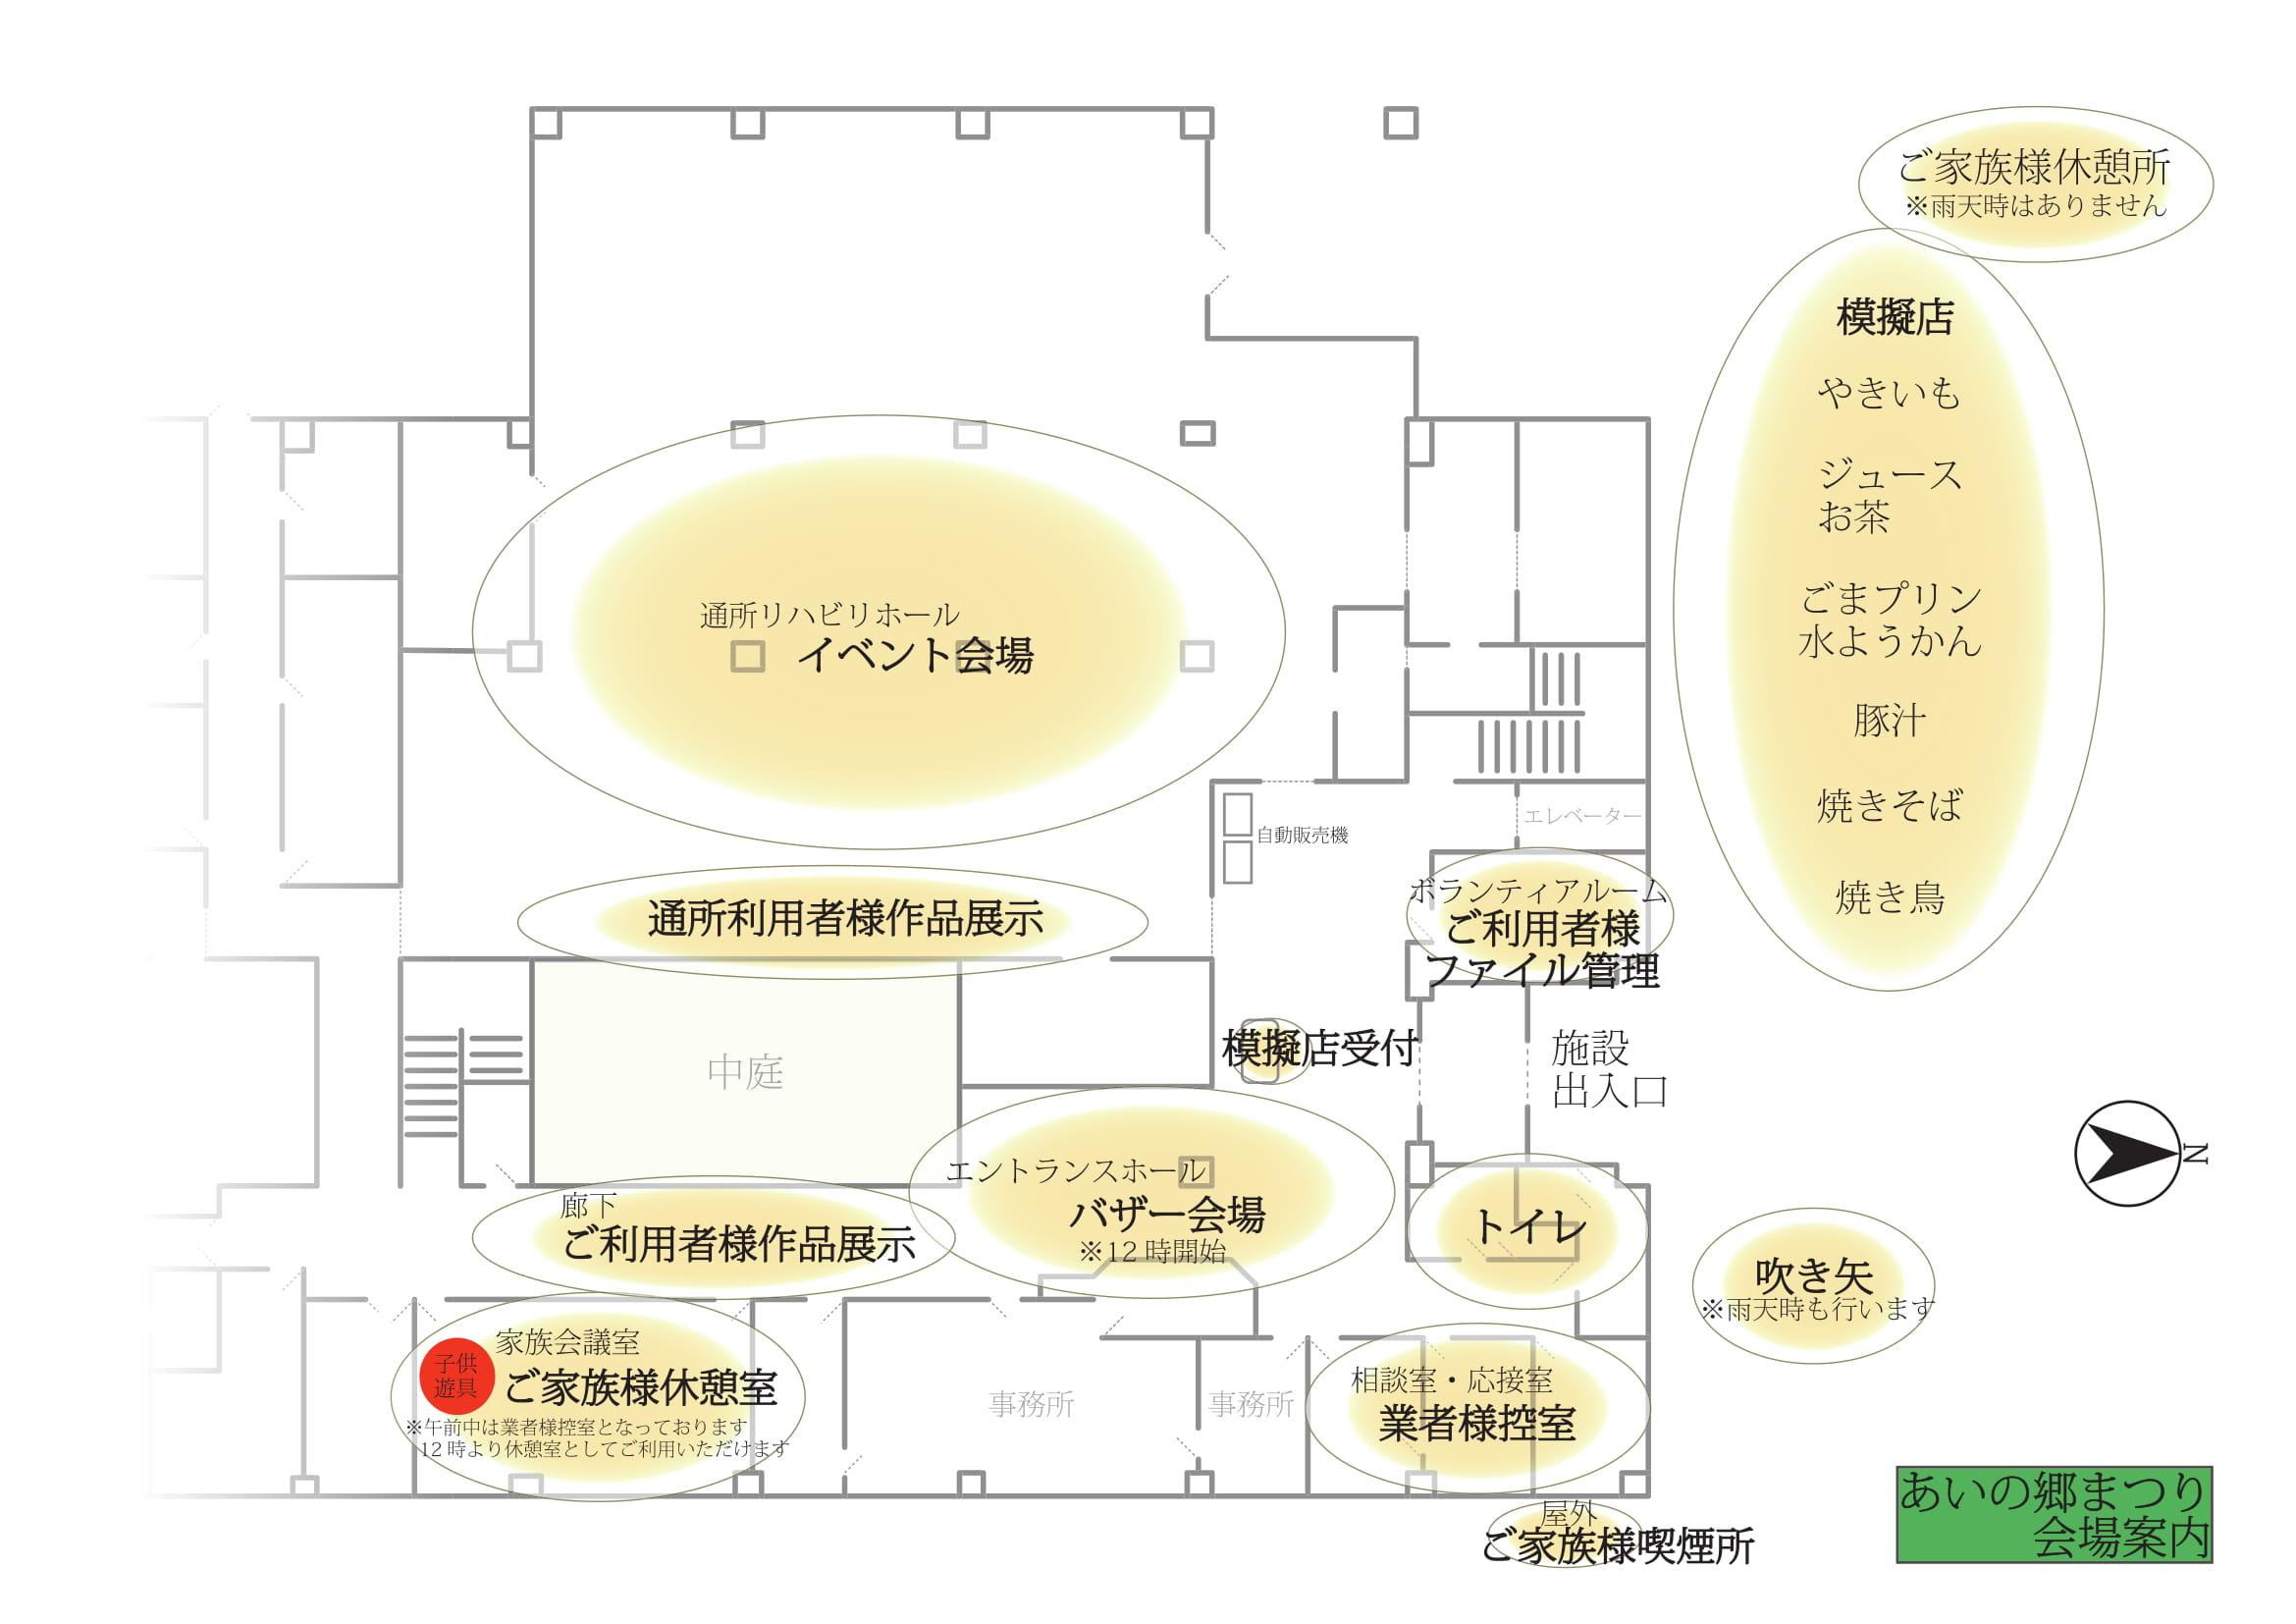 あいの郷まつり資料_会場案内jpg